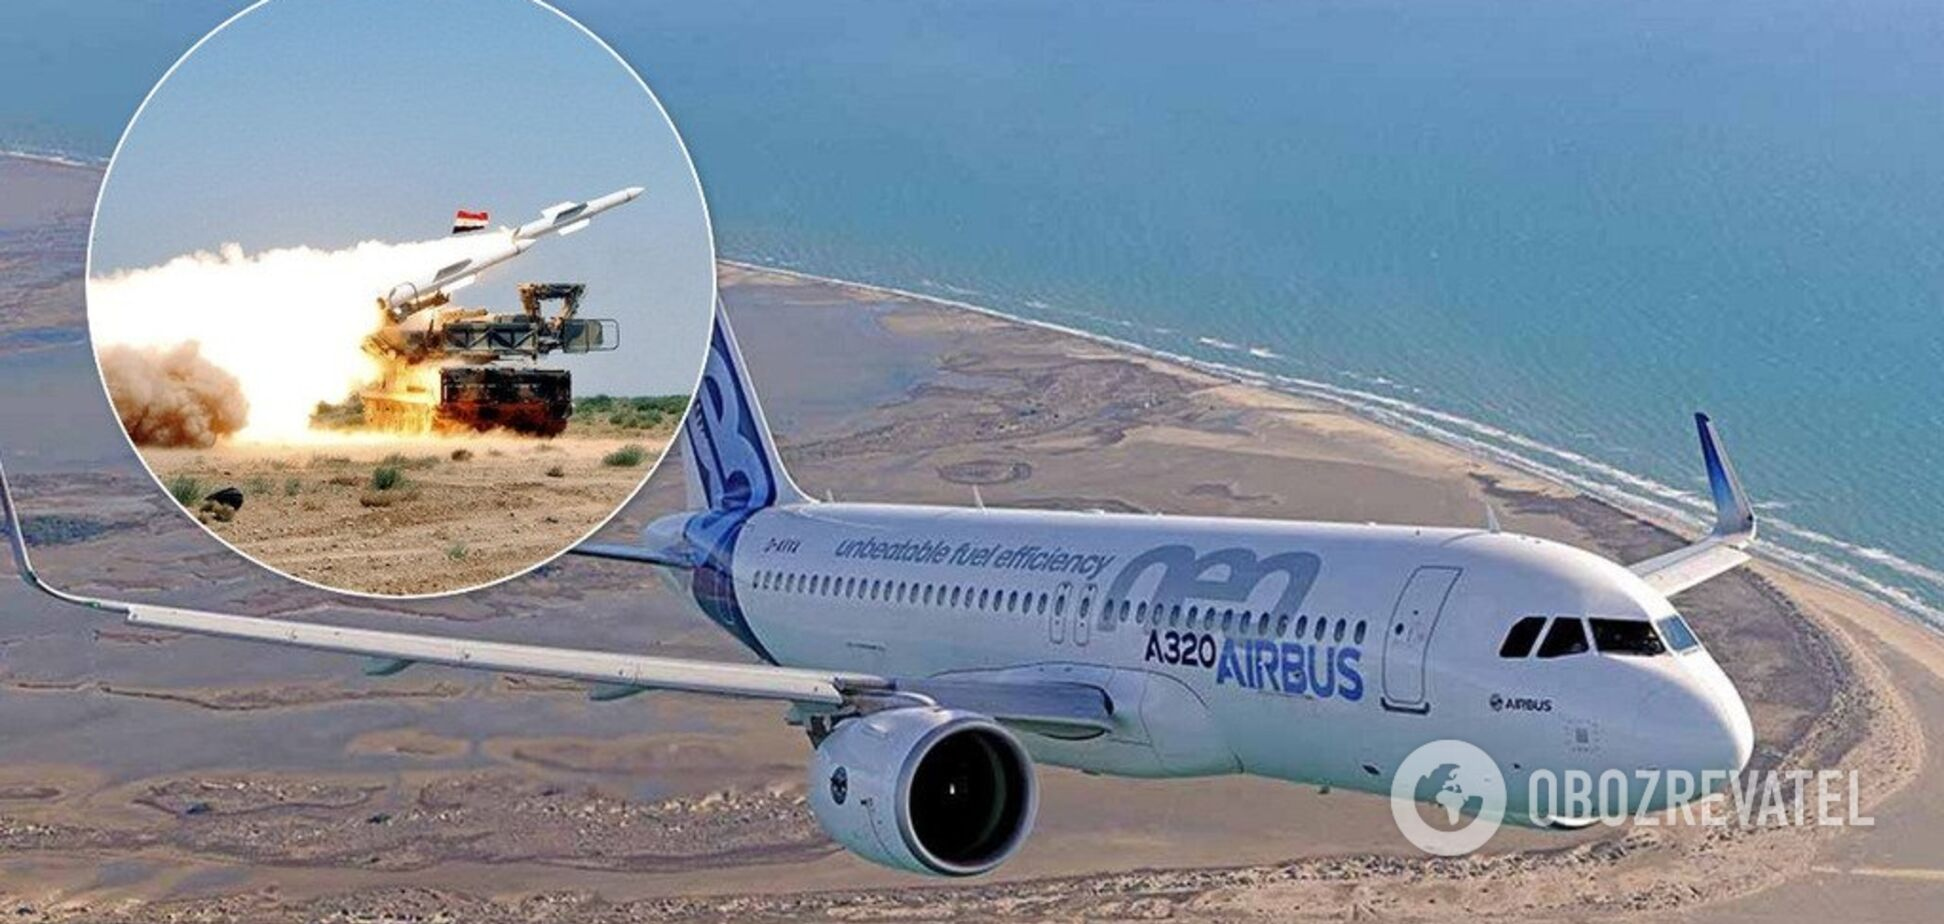 У Сирії ледь не збили літак зі 172 пасажирами: Росія звинуватила Ізраїль